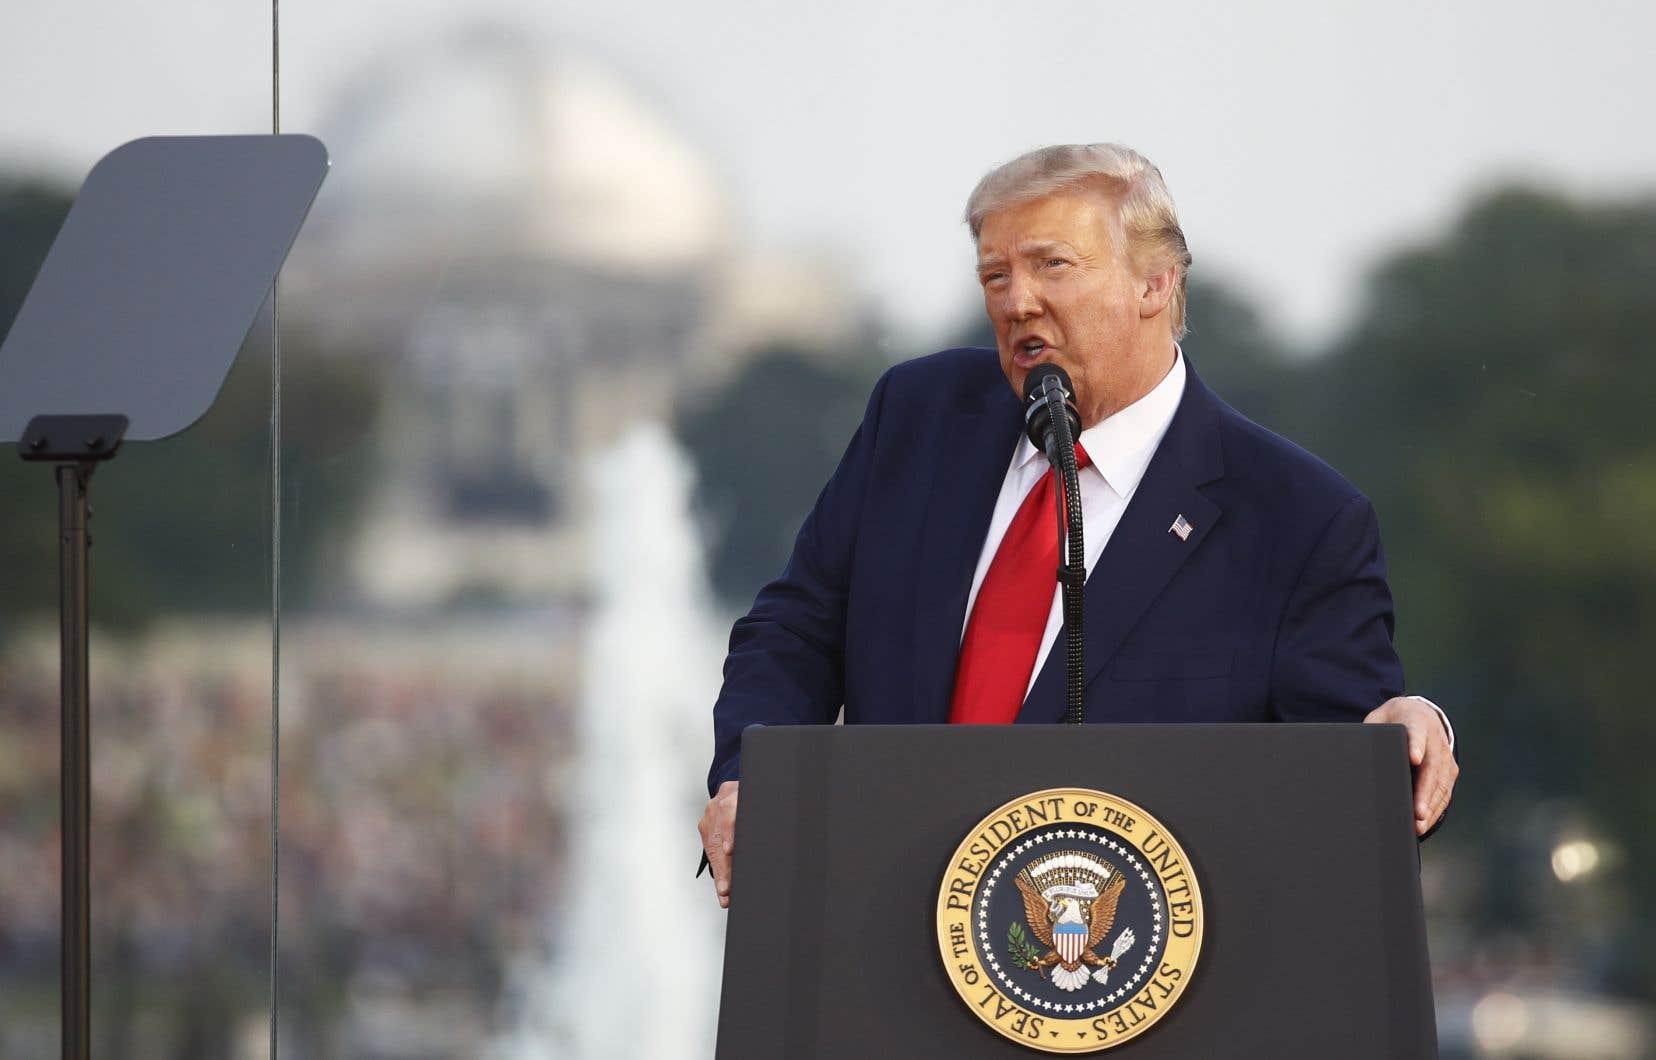 Le président des États-Unis, Donald Trump, était loin d'un ton traditionnellement rassembleur des allocutions présidentielles du 4 juillet, la fête nationale américaine.